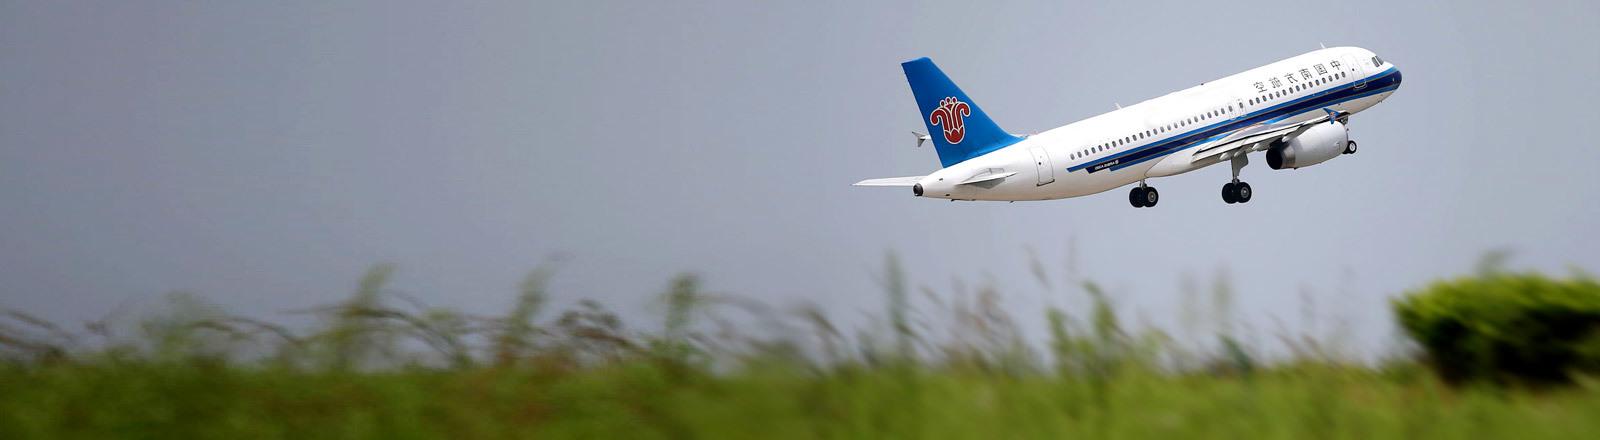 Ein Flugzeug startet